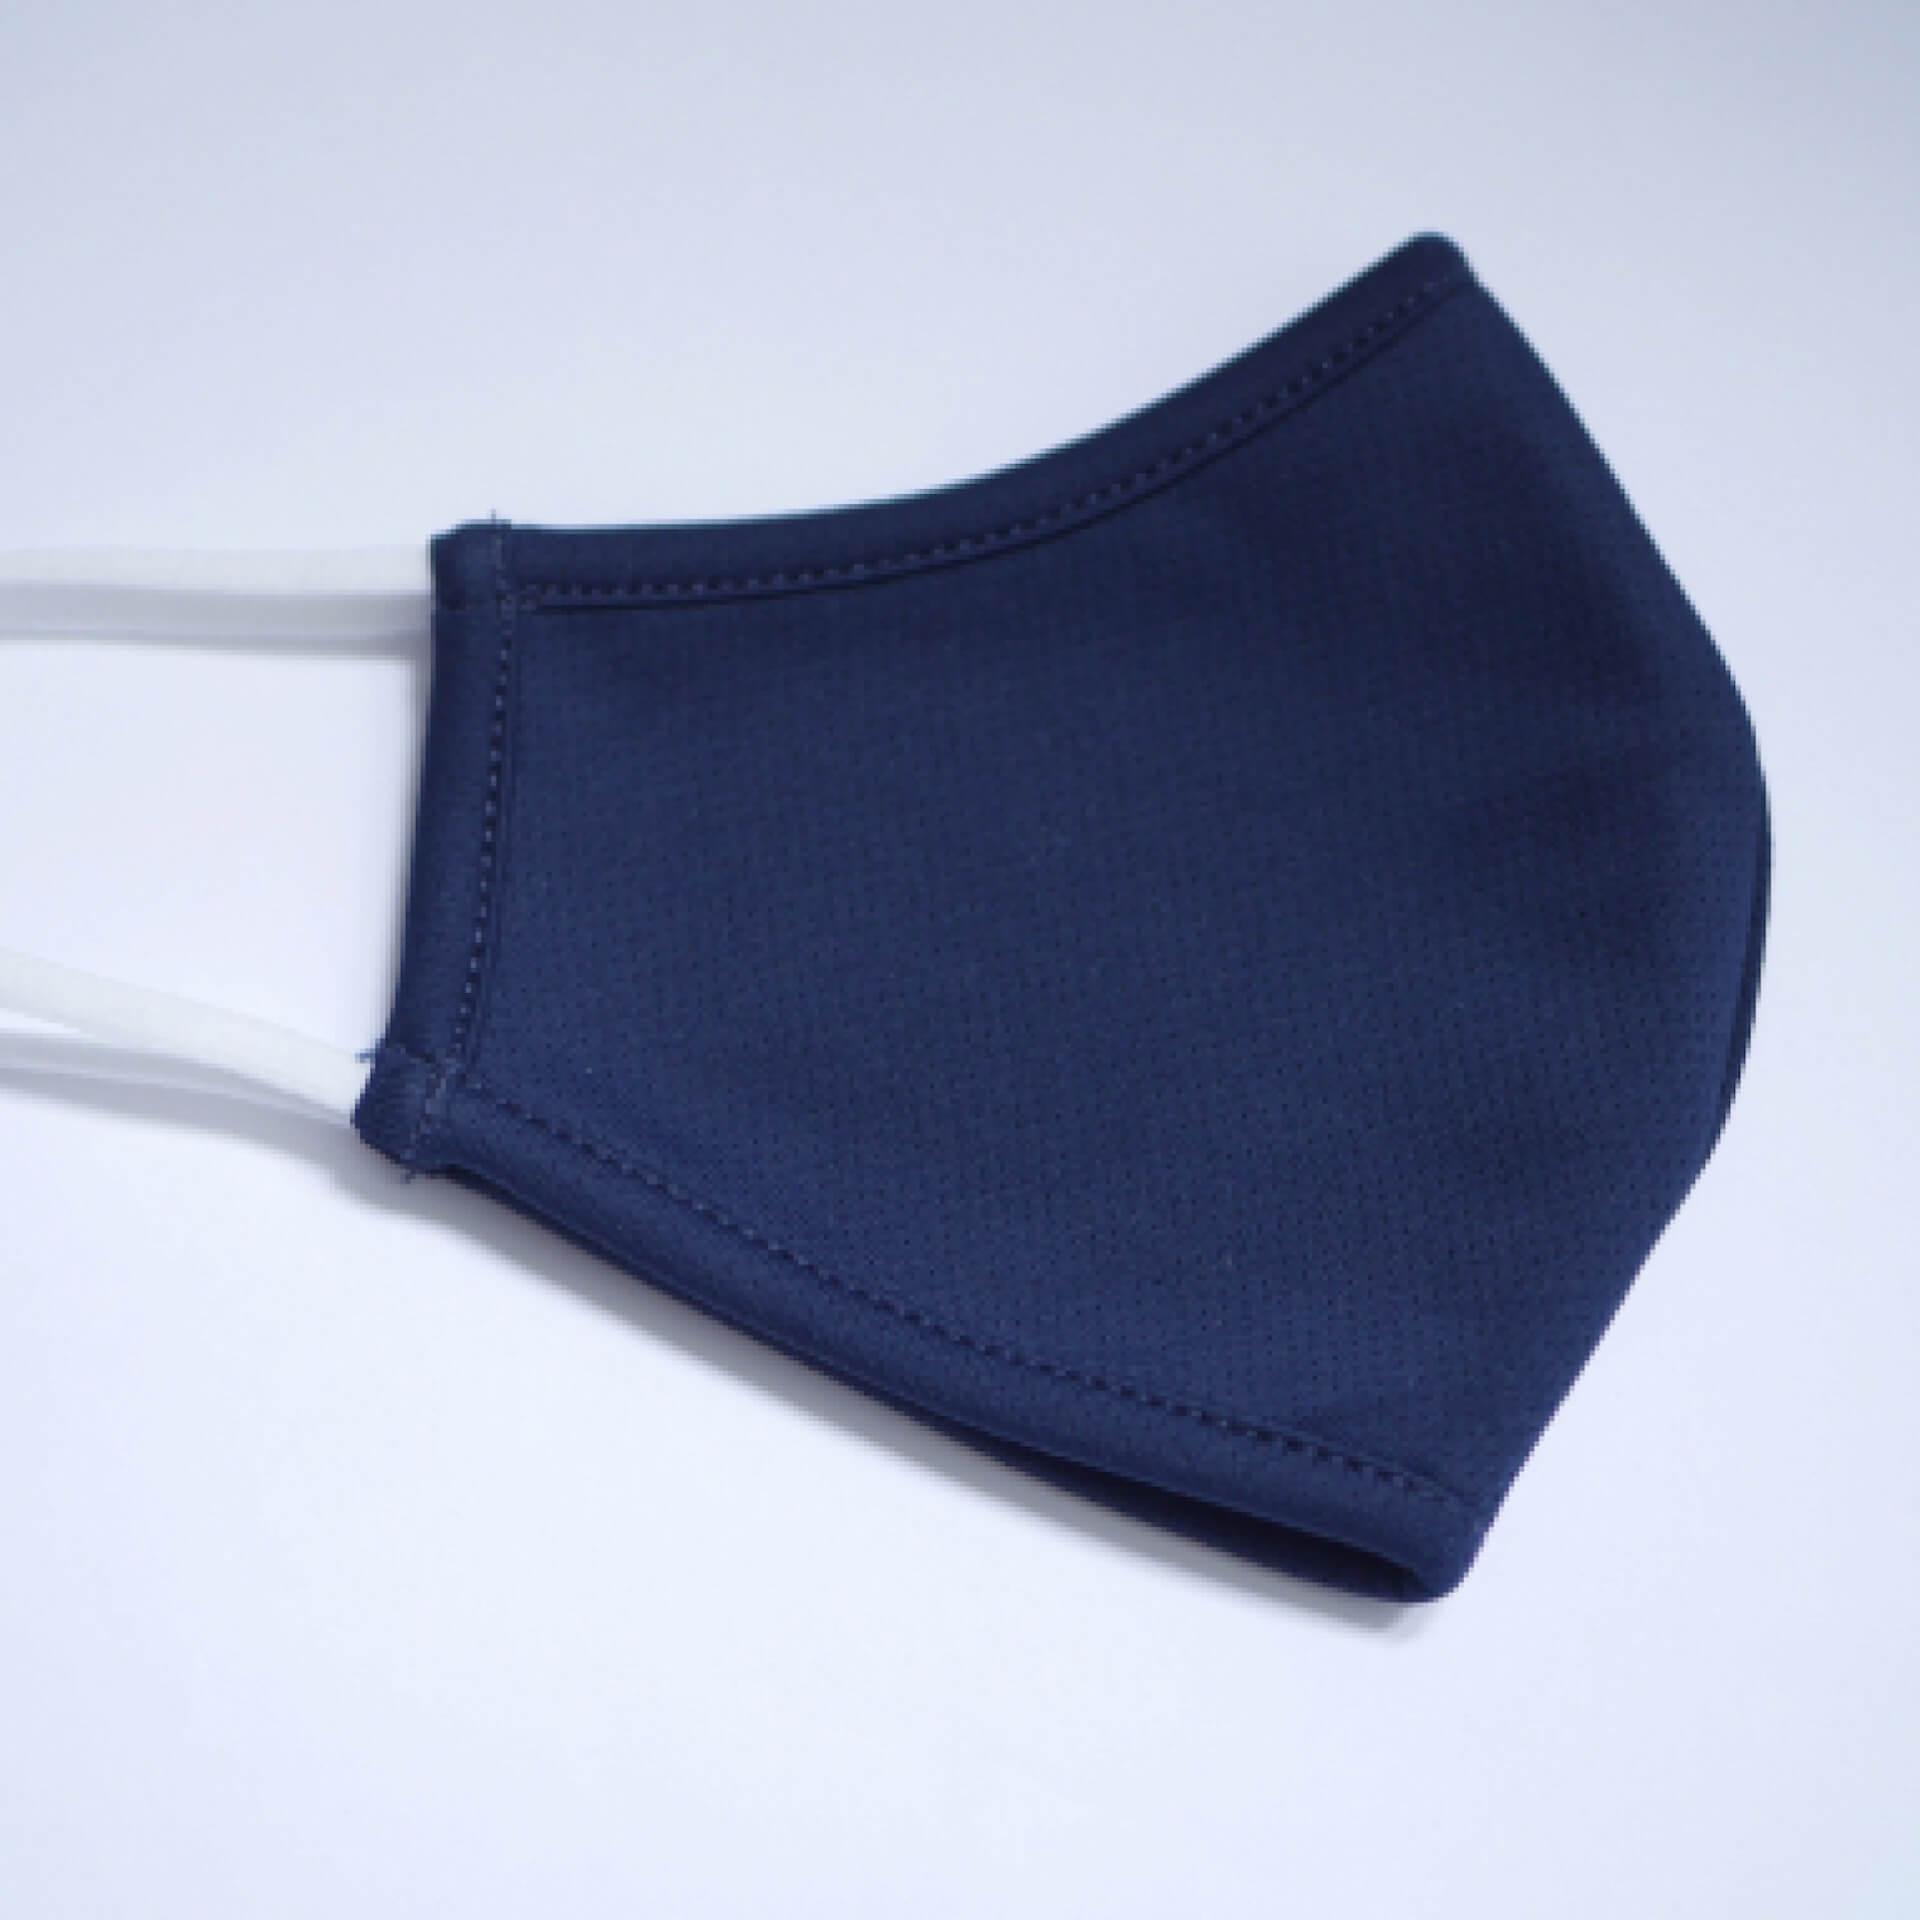 通気性、吸水速乾性に優れた『TENTIAL MASK』が数量限定で予約販売中!スポーツウェアの素材を使用 lf200625_tential_mask_05